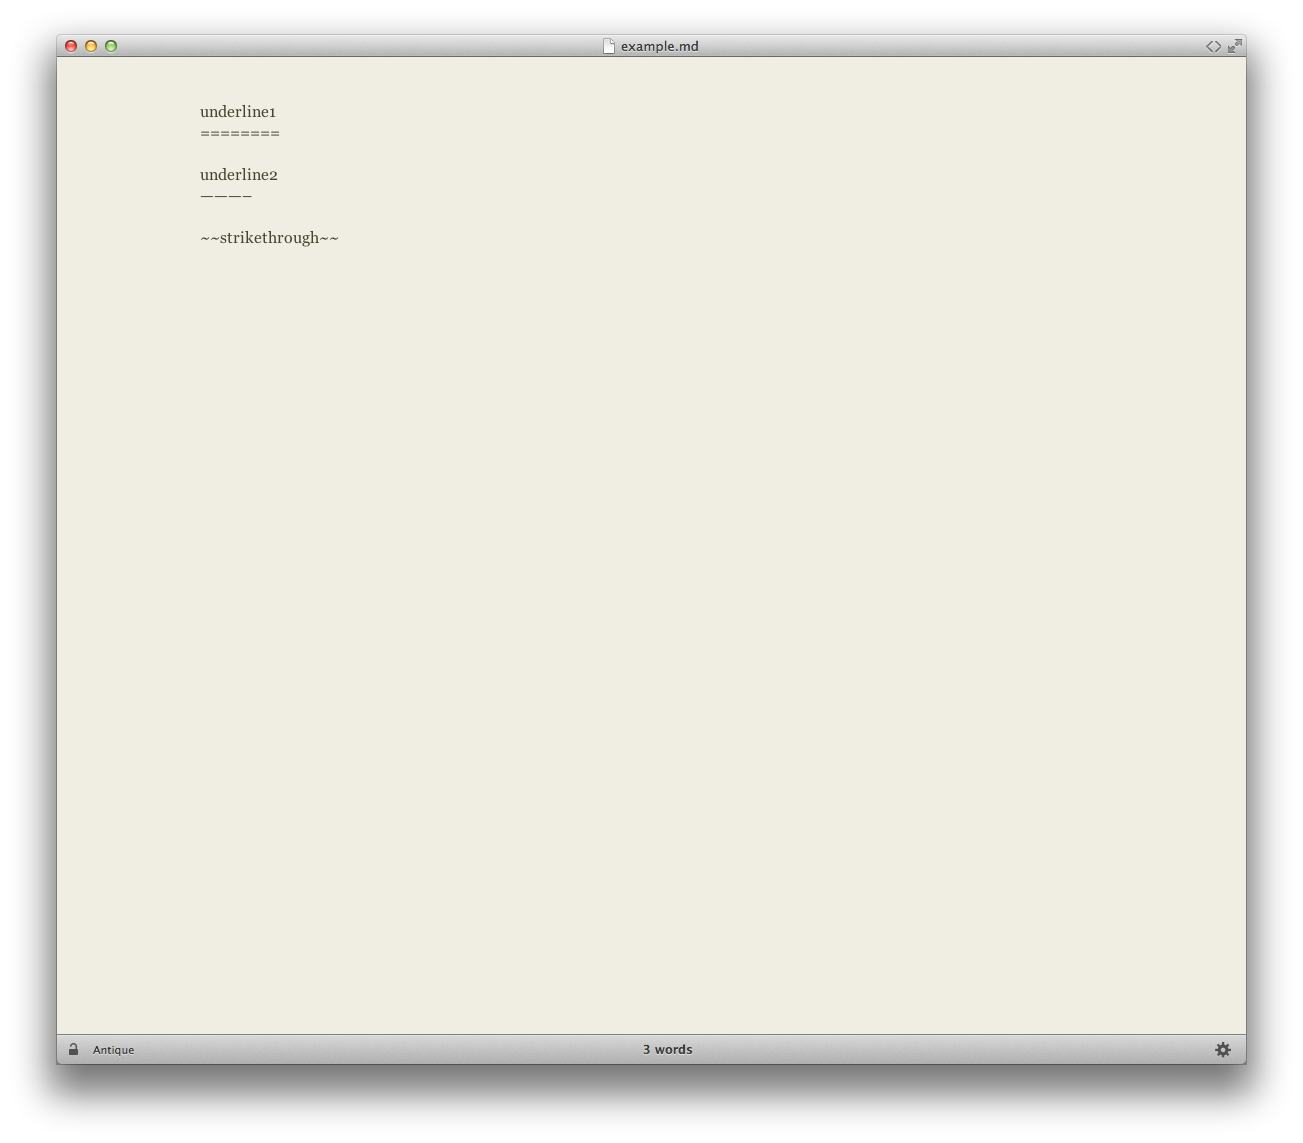 Screen_shot_2012-11-21_at_10.32.06_am